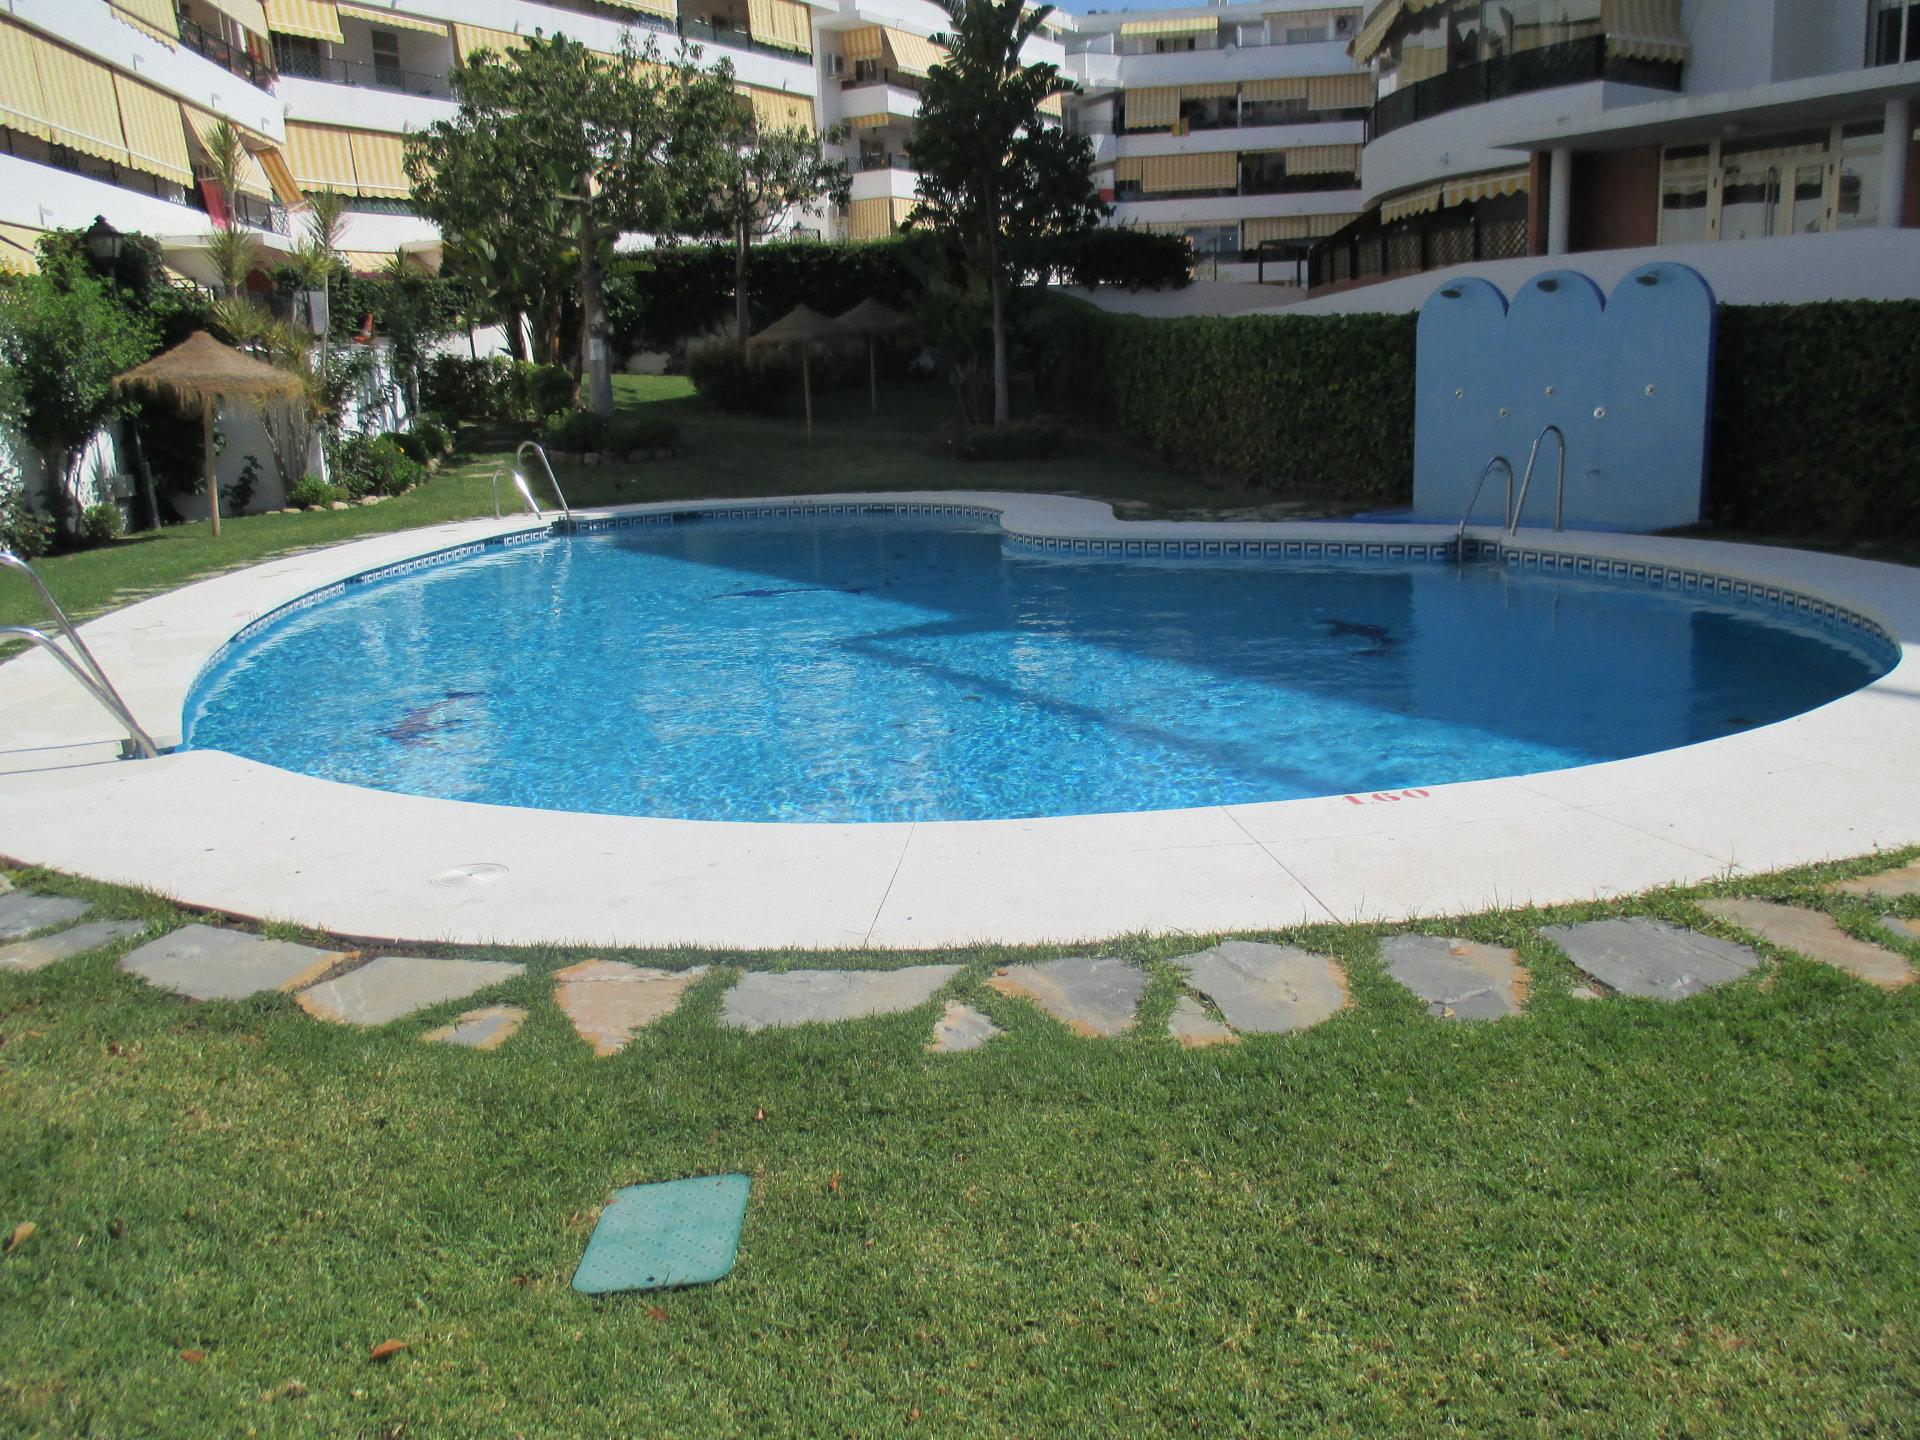 El aumento de las inspecciones provoca el cierre de centenares de piscinas comunitarias